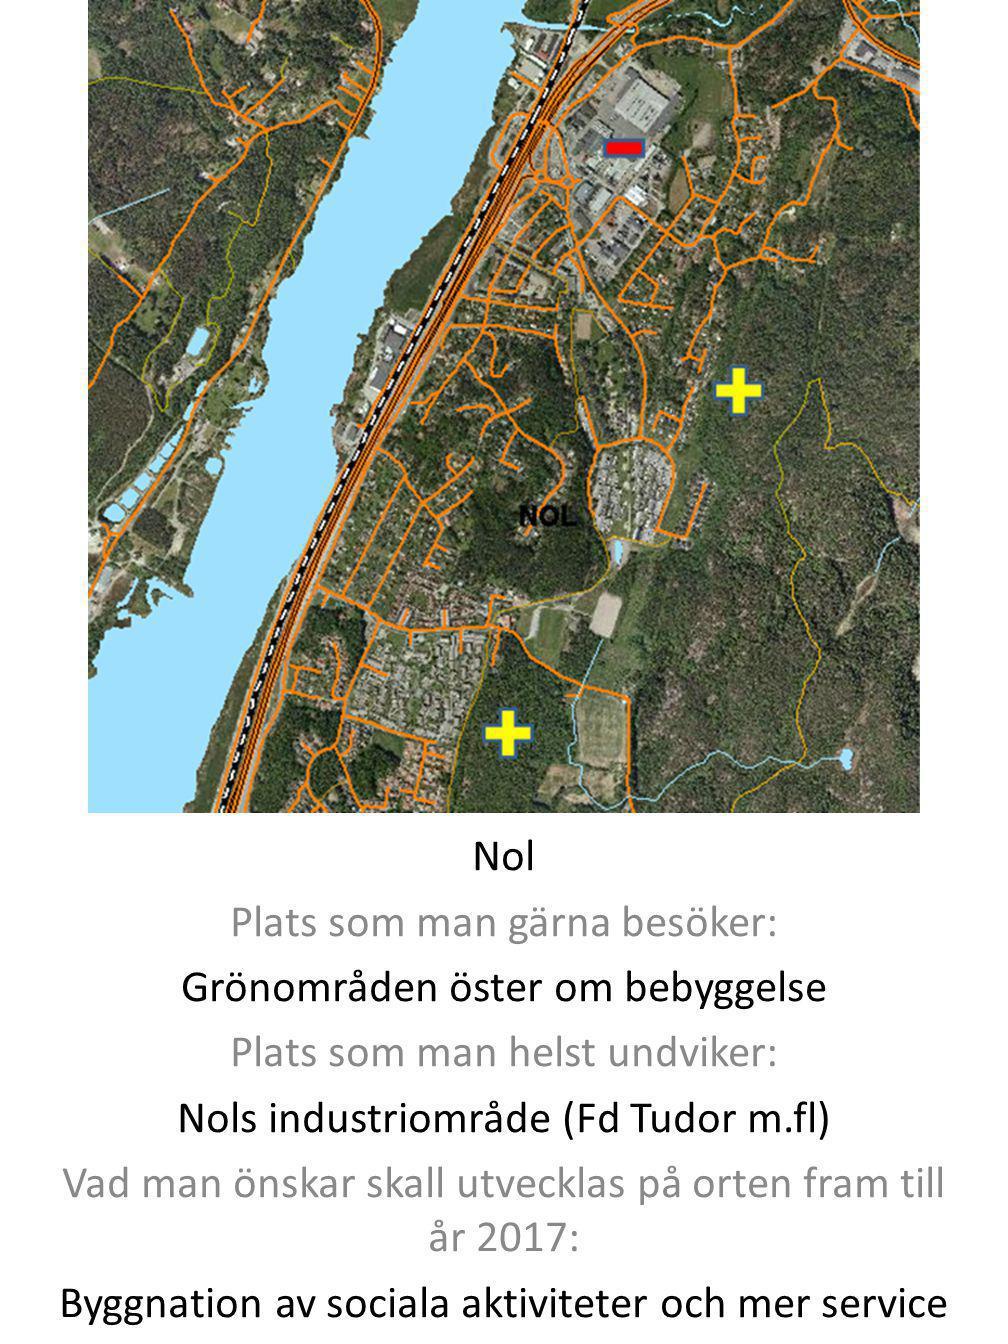 Nol Plats som man gärna besöker: Grönområden öster om bebyggelse Plats som man helst undviker: Nols industriområde (Fd Tudor m.fl) Vad man önskar skal